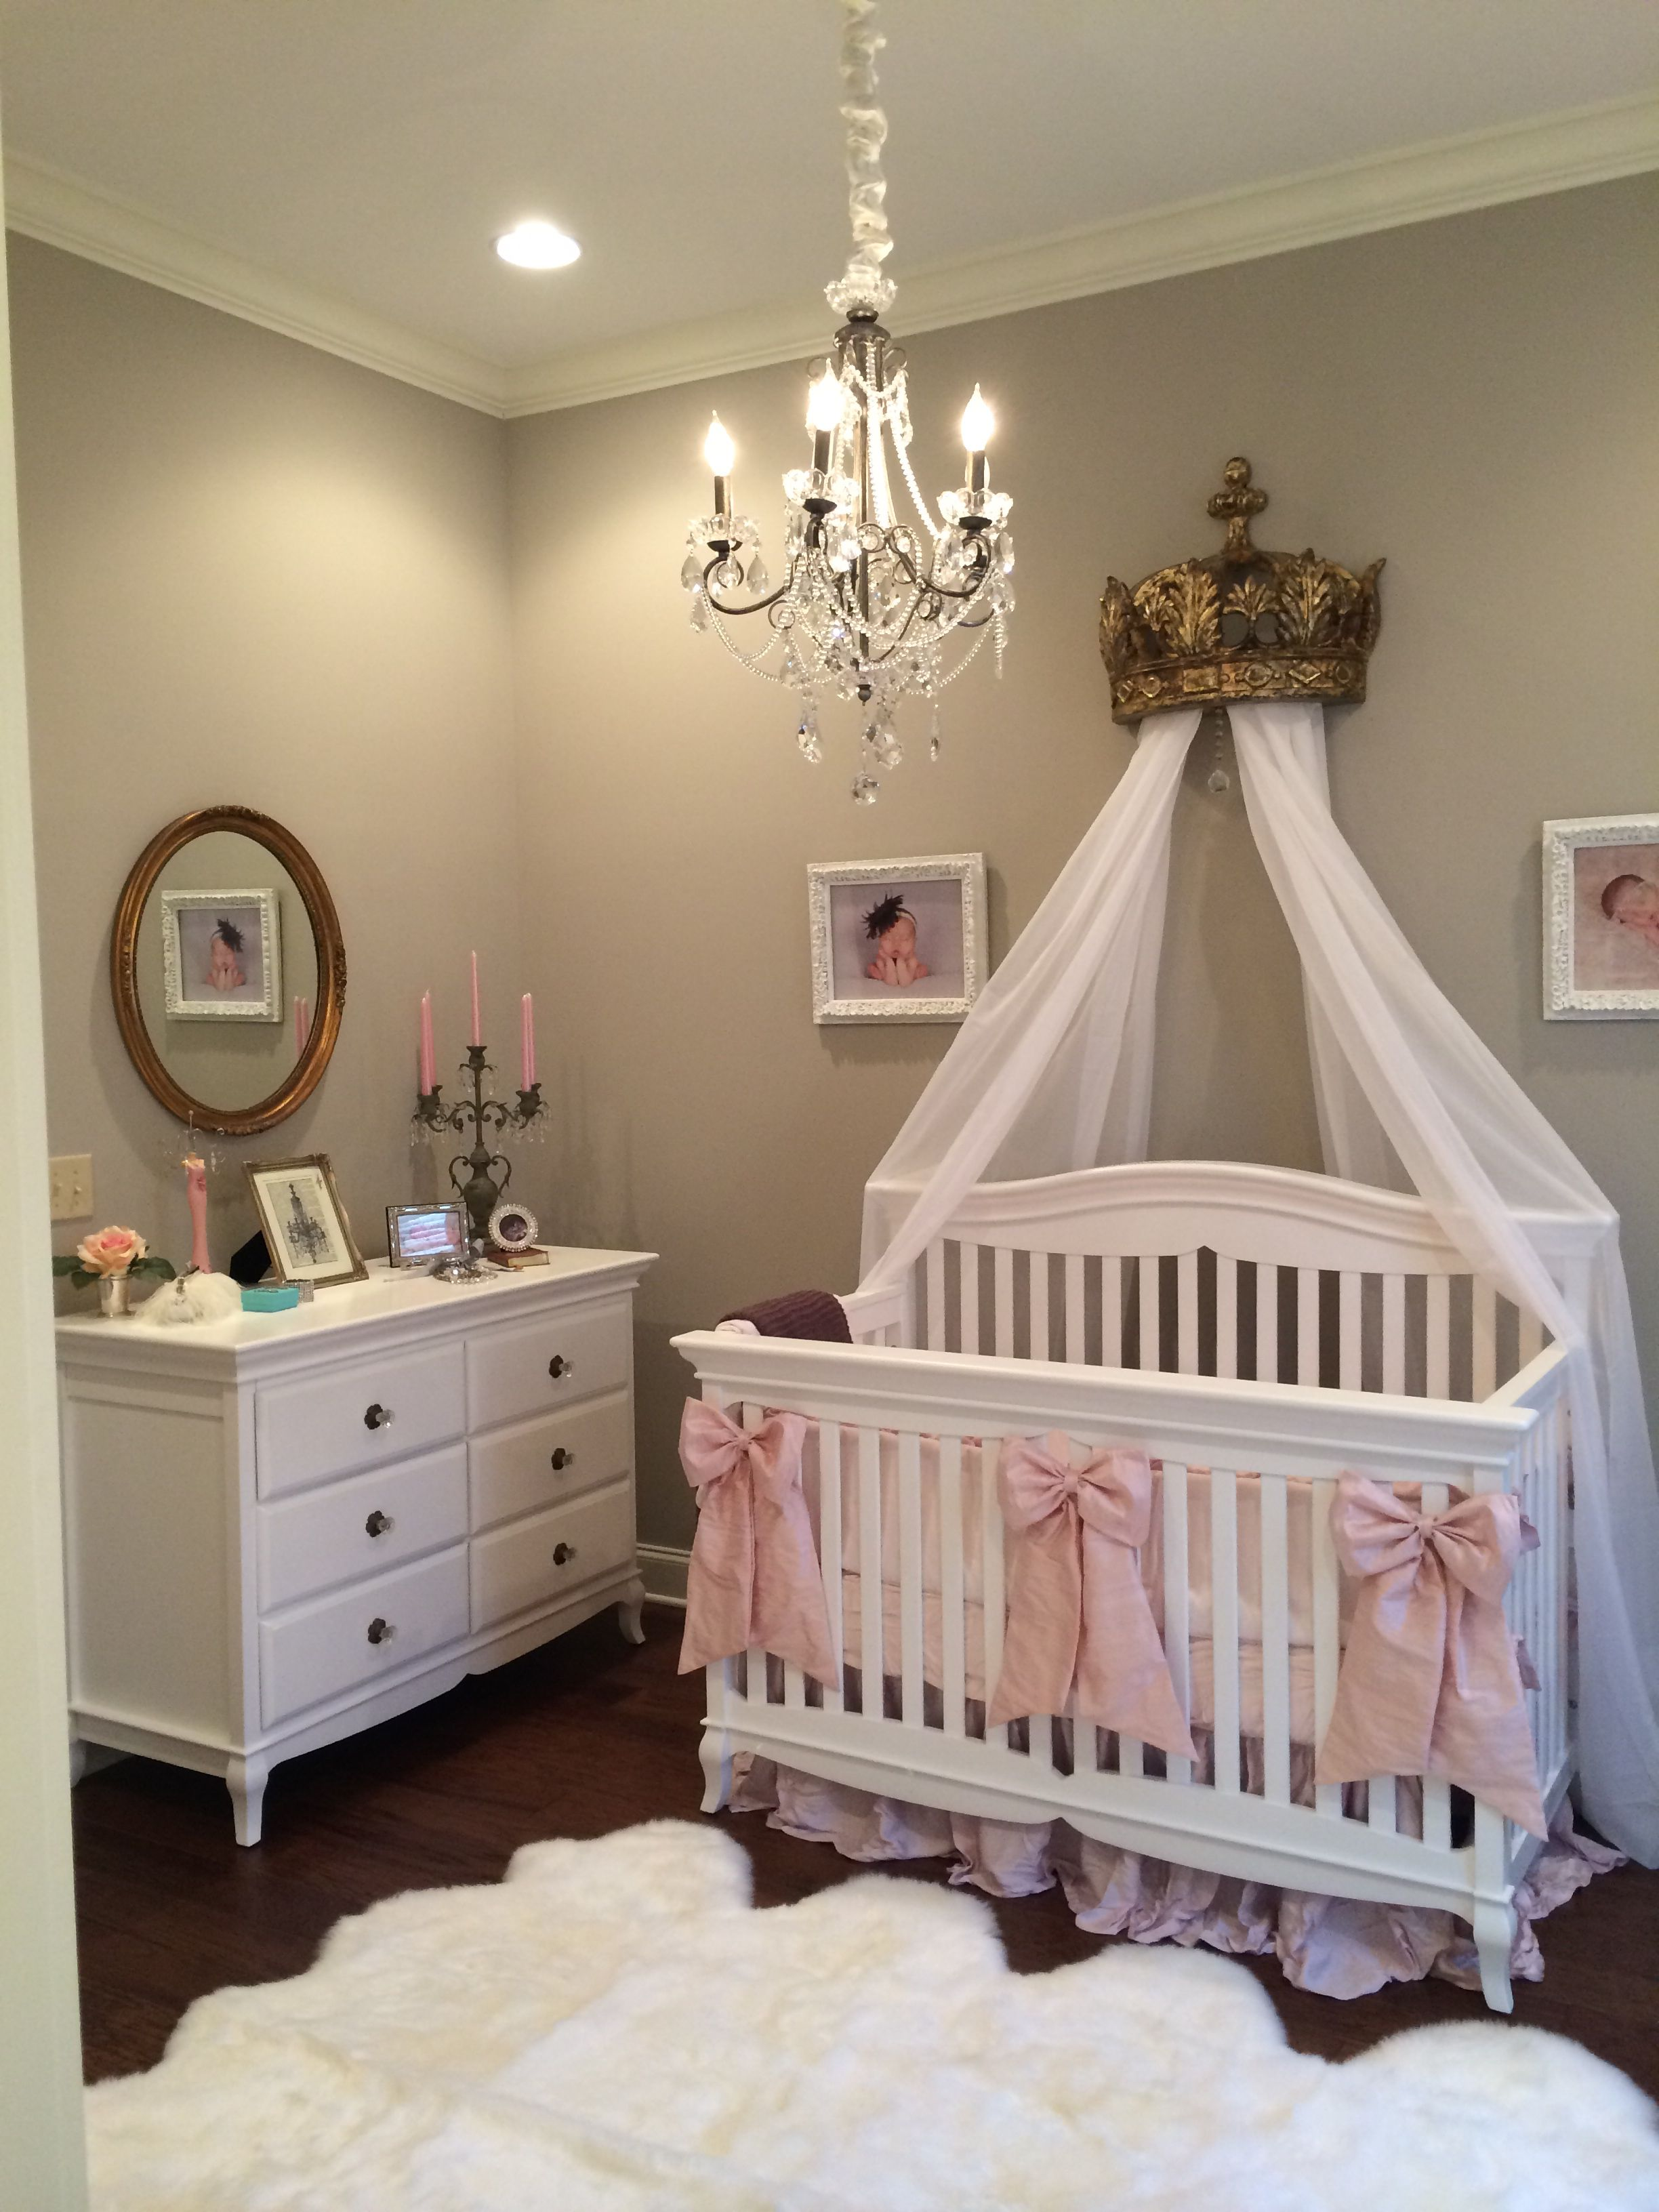 100 Baby Girl Nursery Design Ideas Baby Girl Bedroom Girl Nursery Room Baby Girl Room